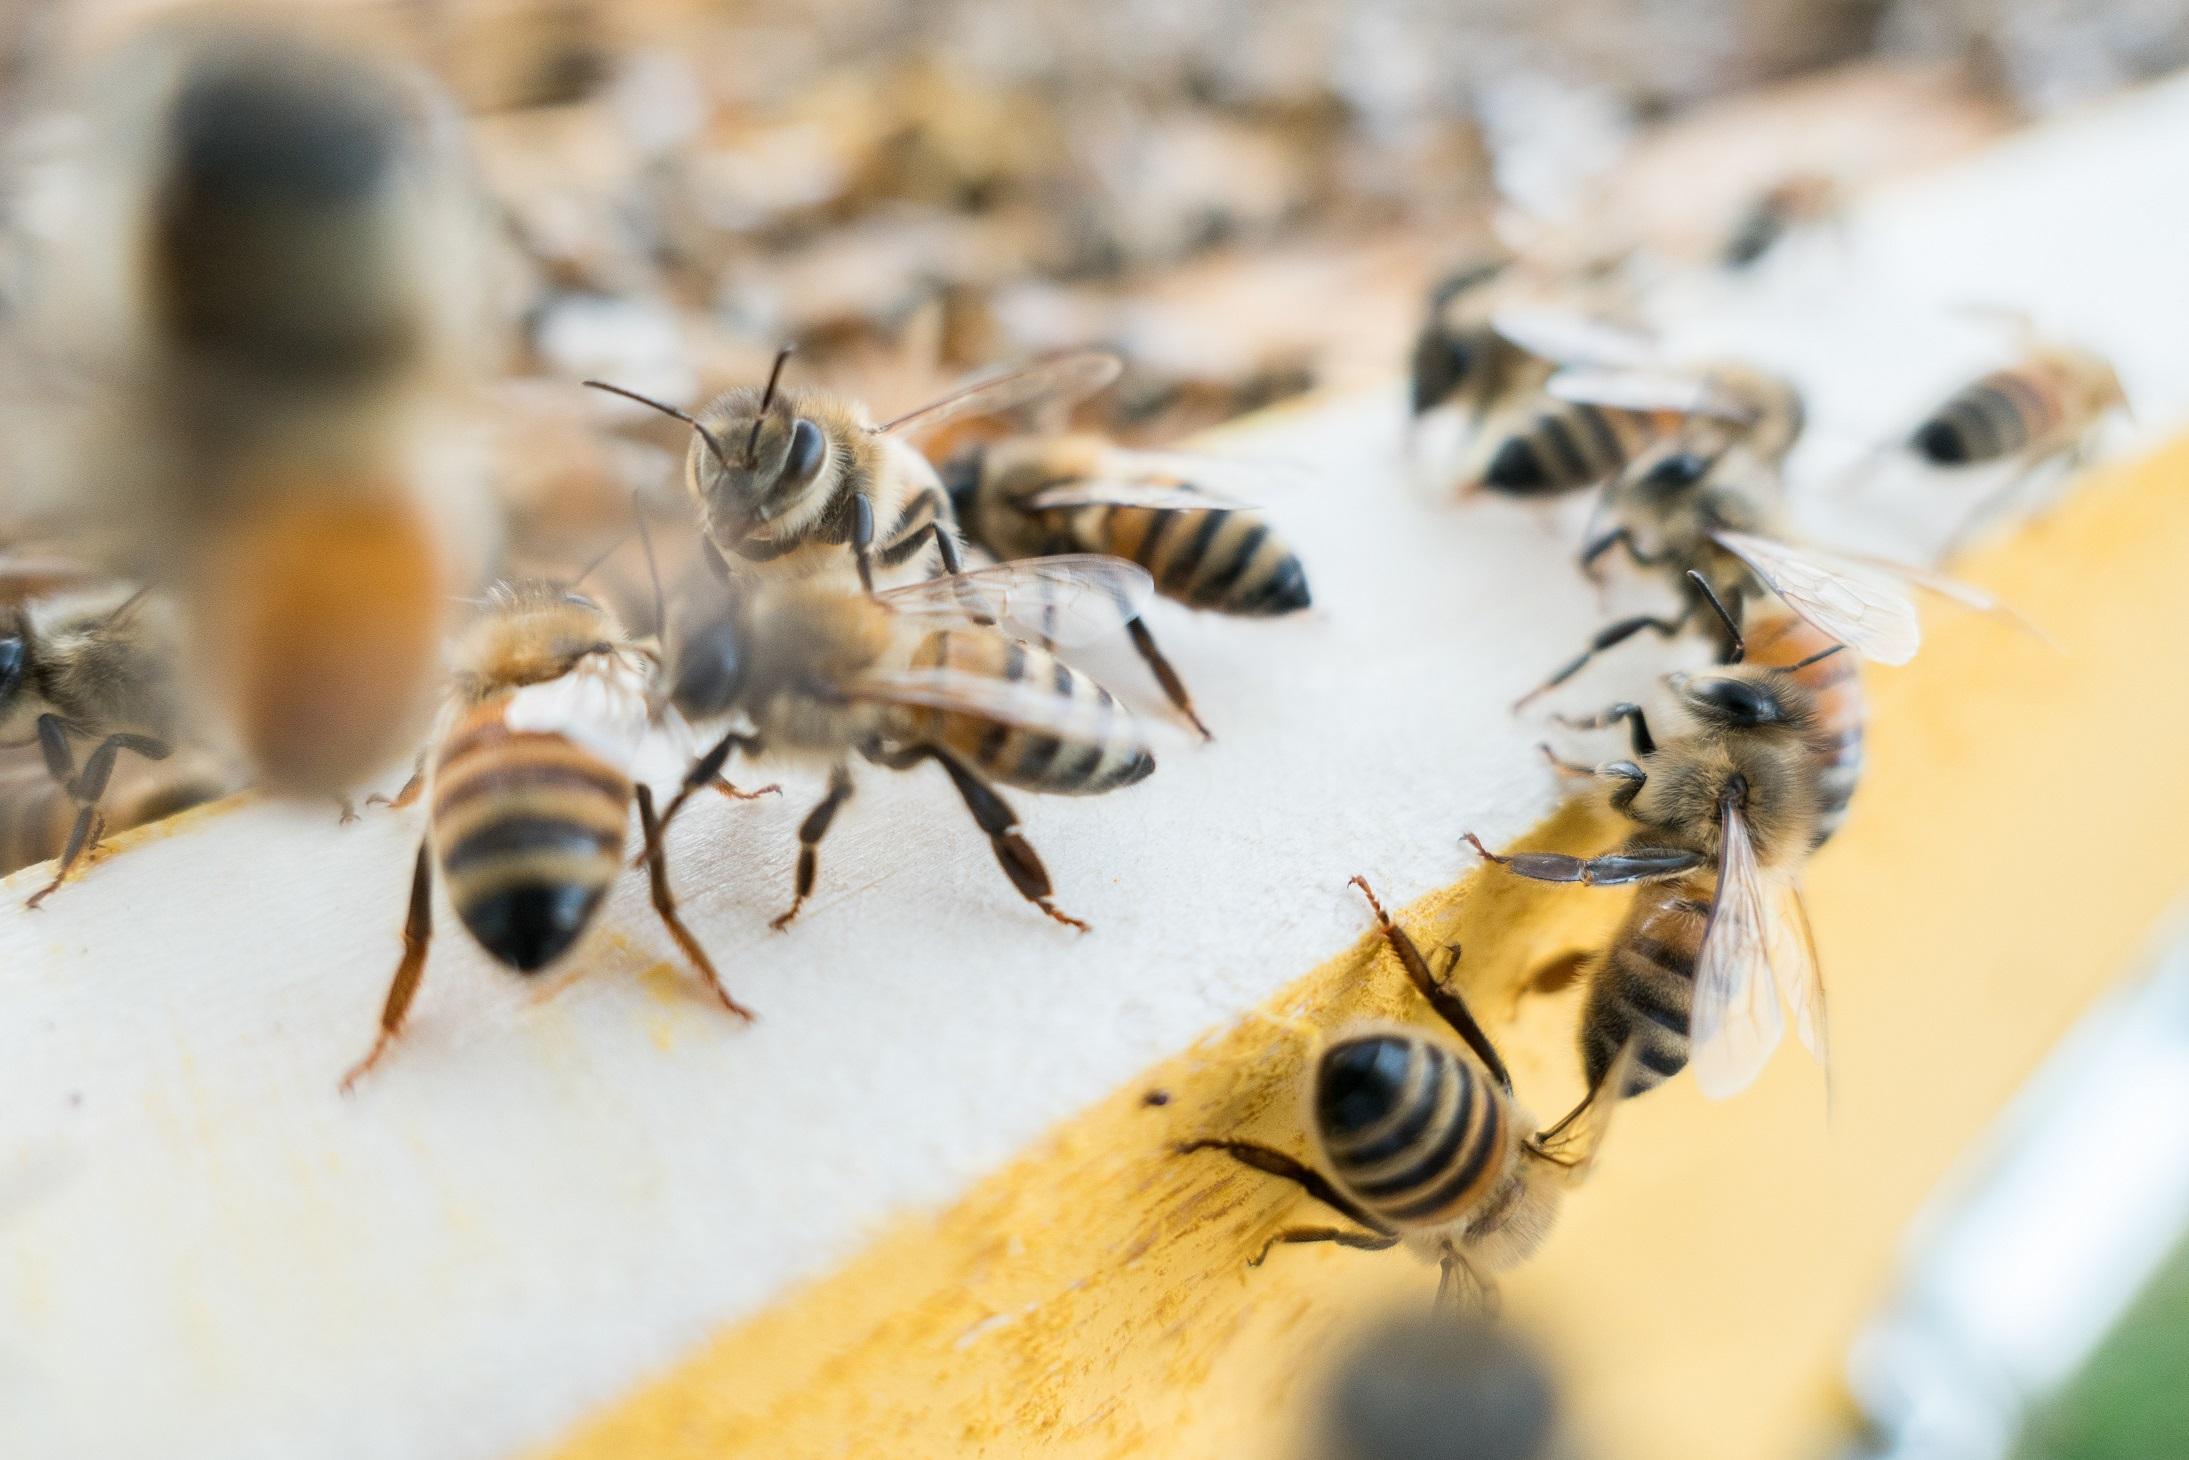 למה הדבורים מפסיקות לרקוד?